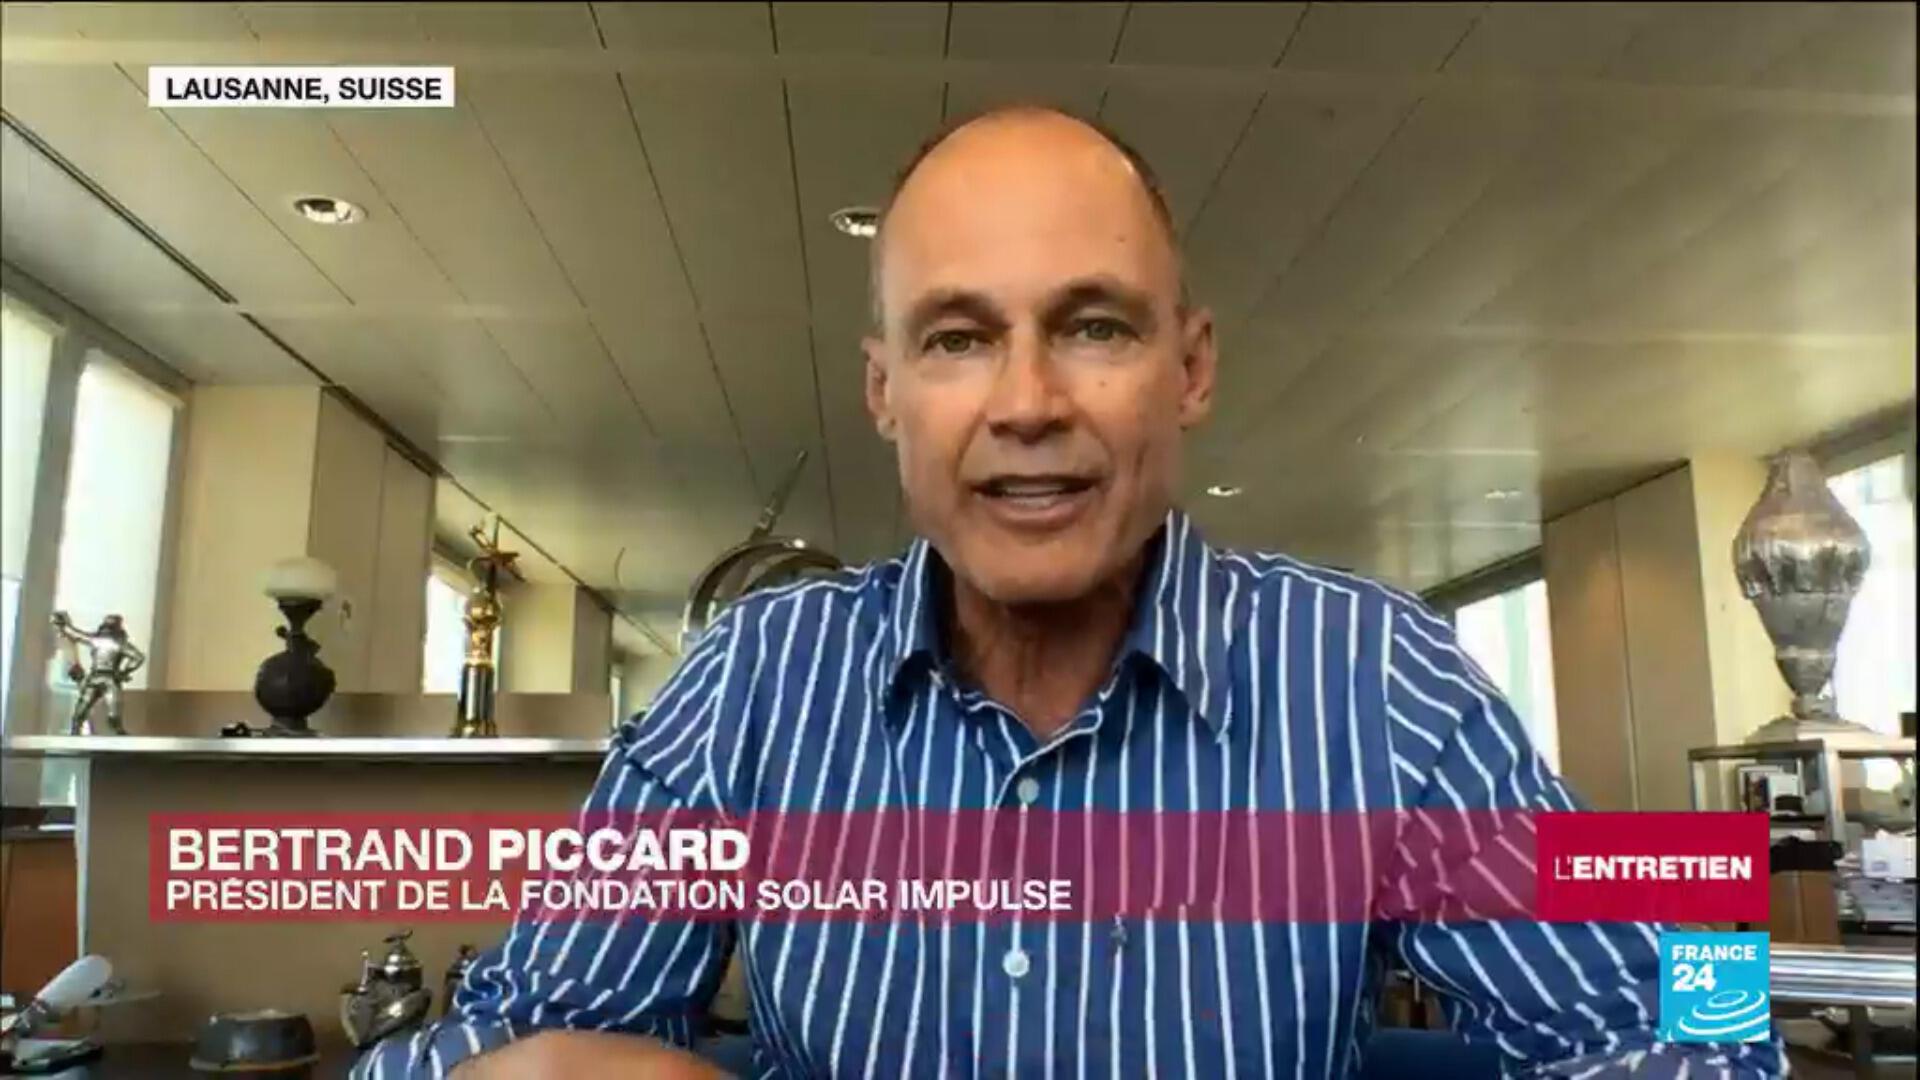 Bertrand Piccard, fondateur et président de la Fondation Solar Impulse